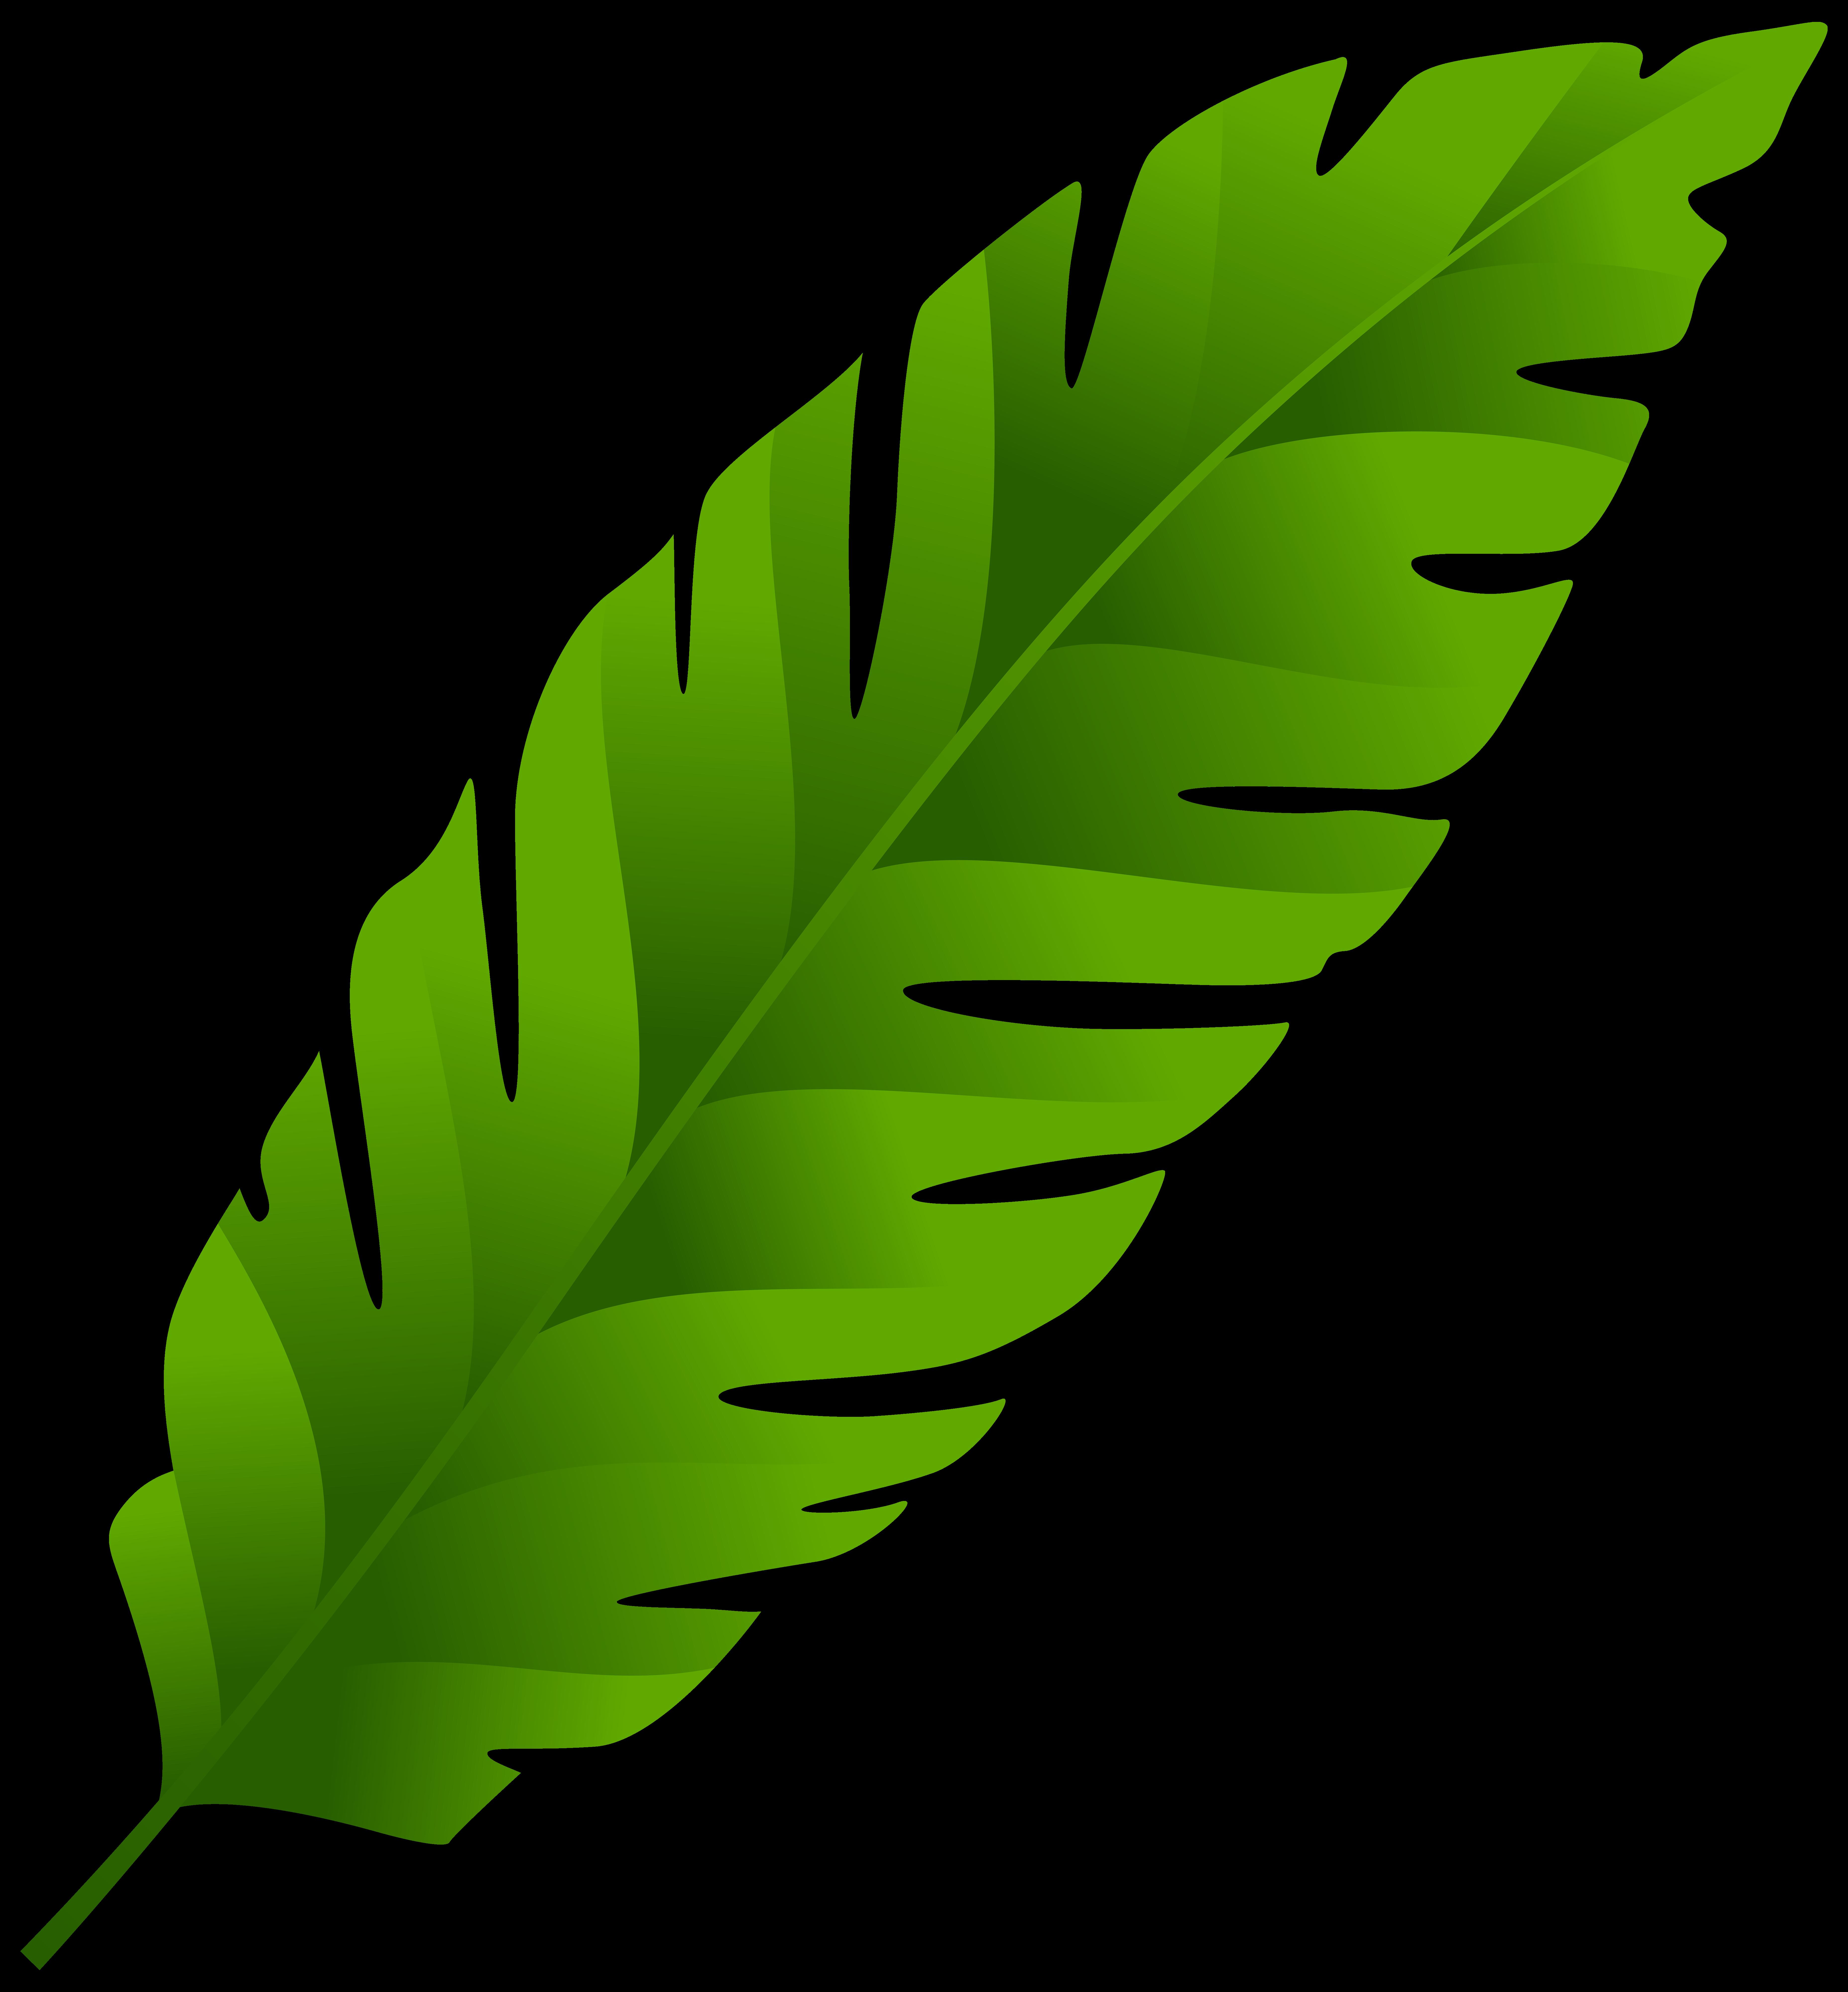 svg royalty free download Banana leaf Palm